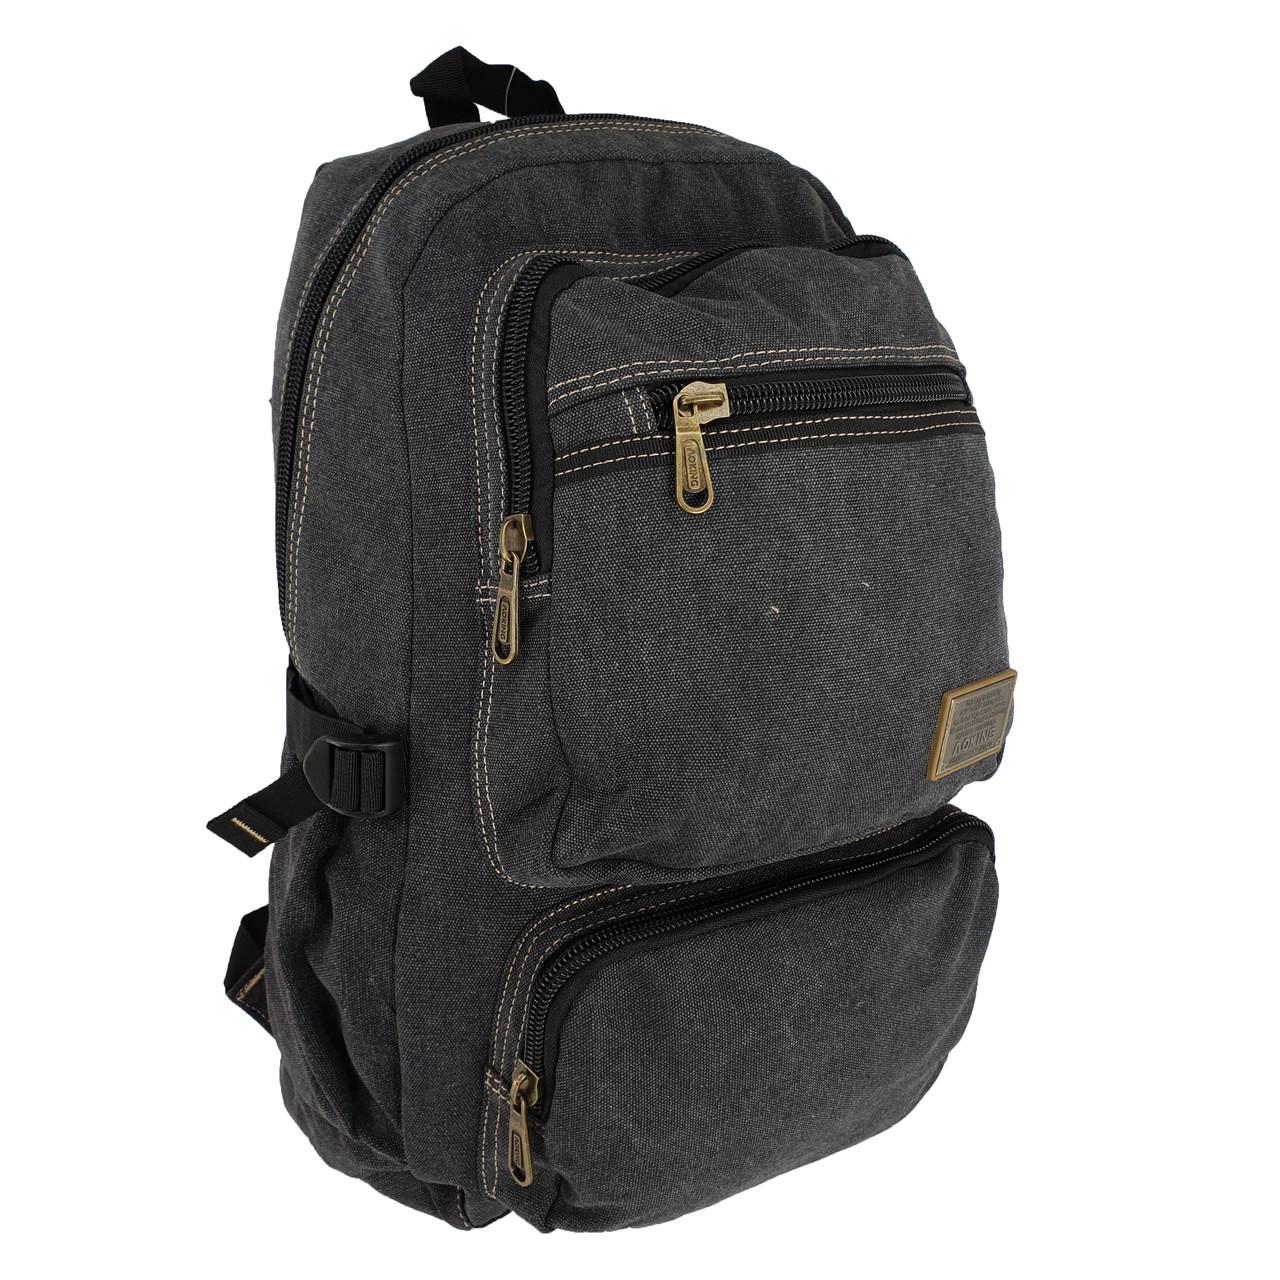 Брезентовый(джинсовый) большой рюкзак Aoking 35л